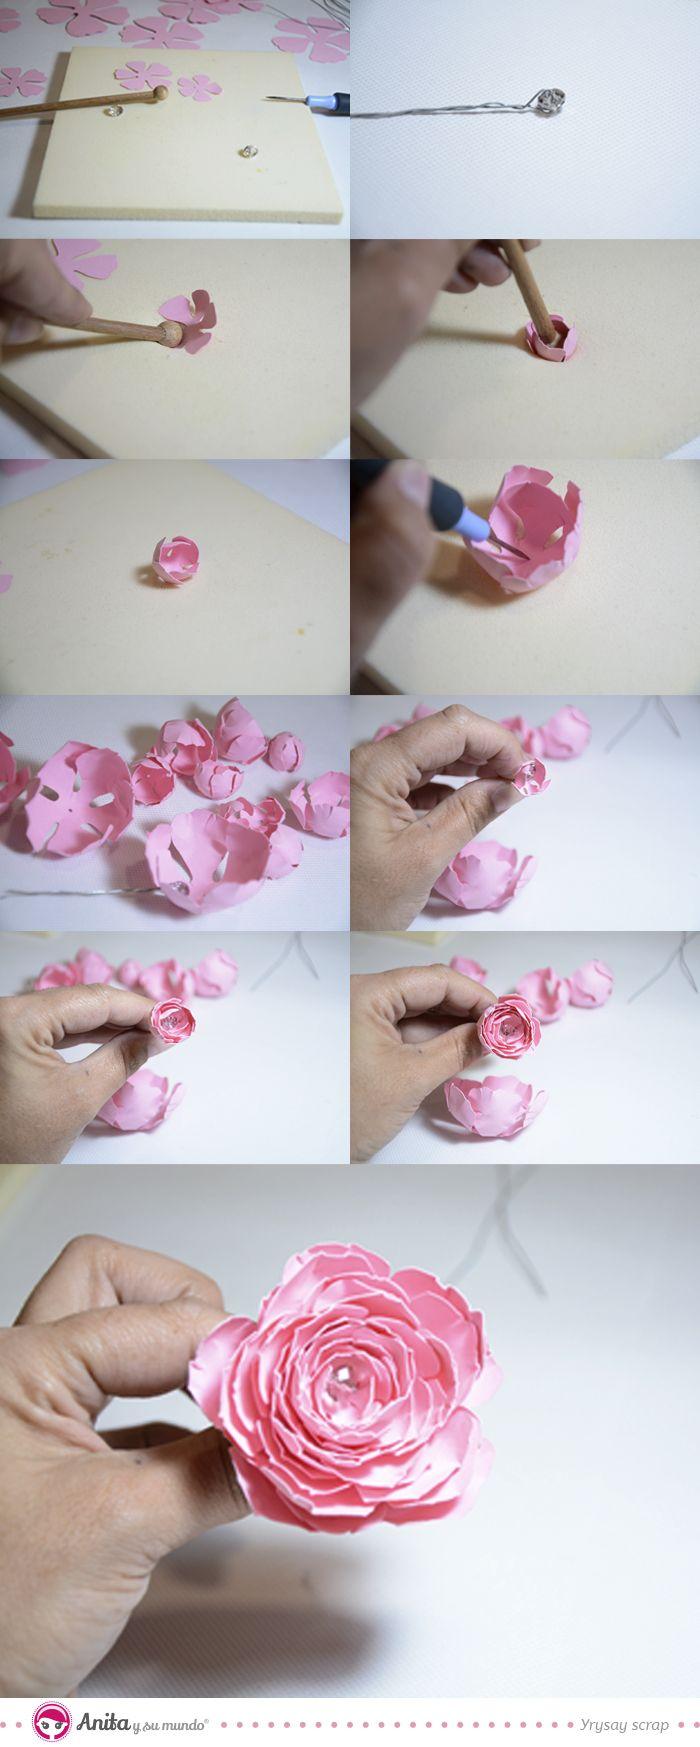 Cómo hacer una peonia de papel. Peonia de papel fácil. Flores de papel. DIY: cómo hacer flores. Cómo hacer Peonias. Manualidades fáciles. Manualidades con papel. Papercraft. Paper flowers. Flor origami. Scrapbooking.